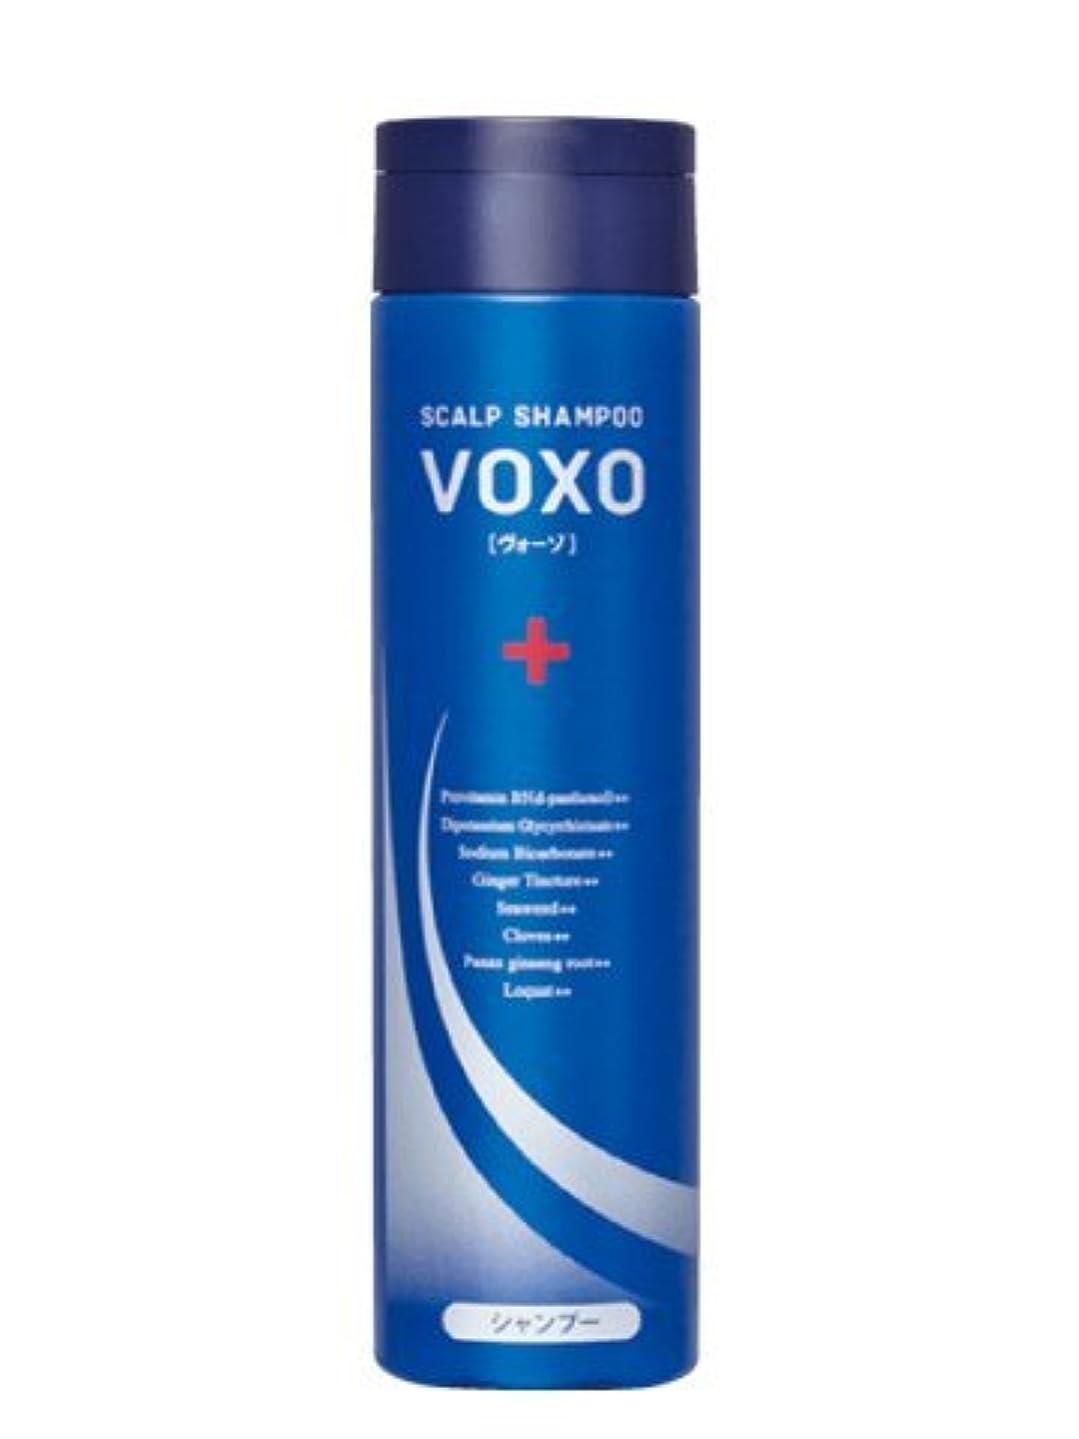 考えショートさまよう高級スカルプシャンプーVOXO(ヴォーゾ) 3本 3ヵ月分 1本250ml【育毛 頭皮ケア】